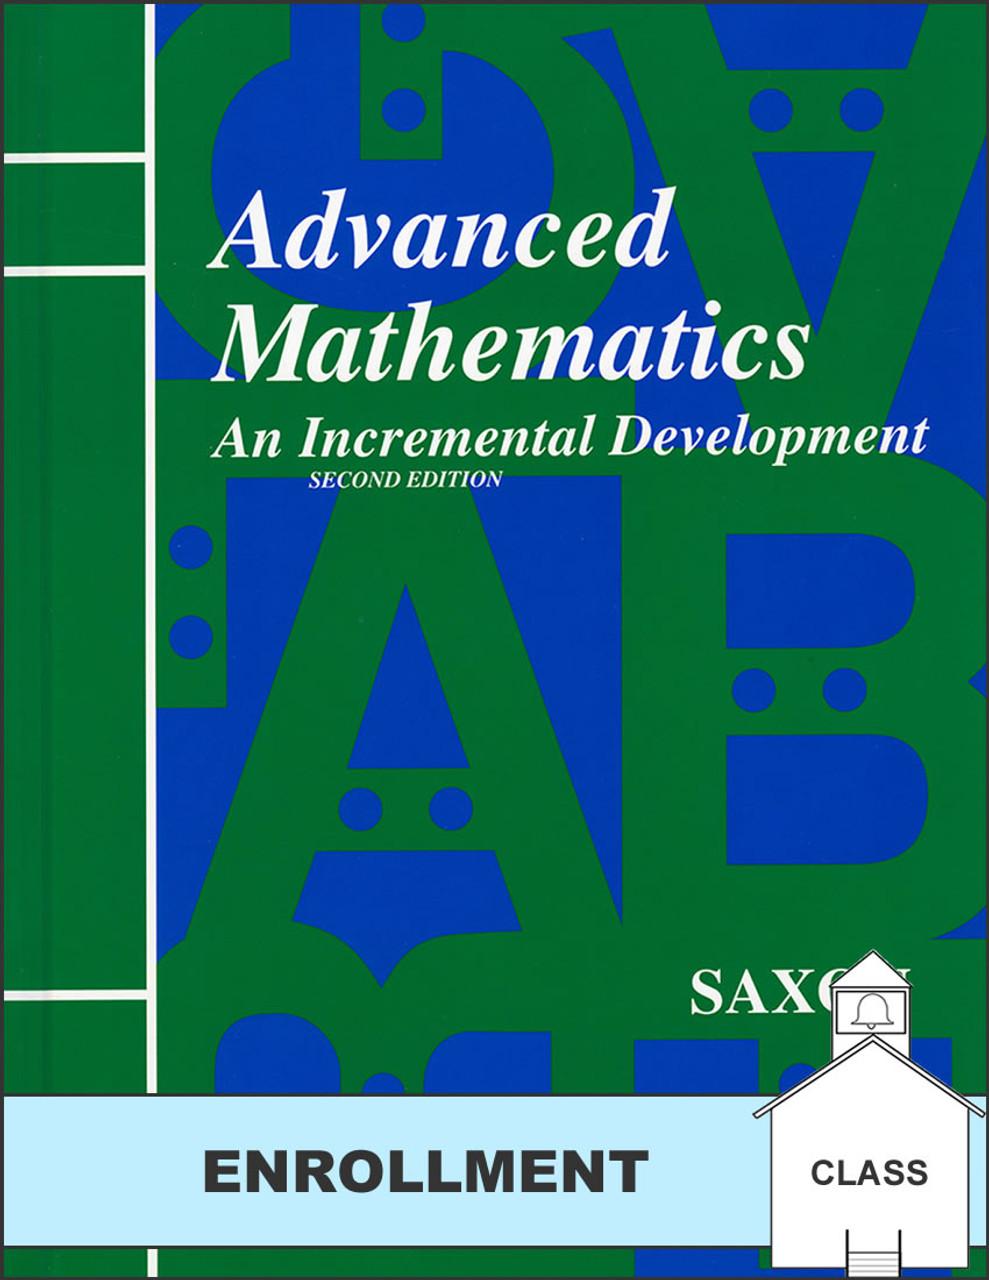 Saxon Advanced Mathematics, 2nd edition